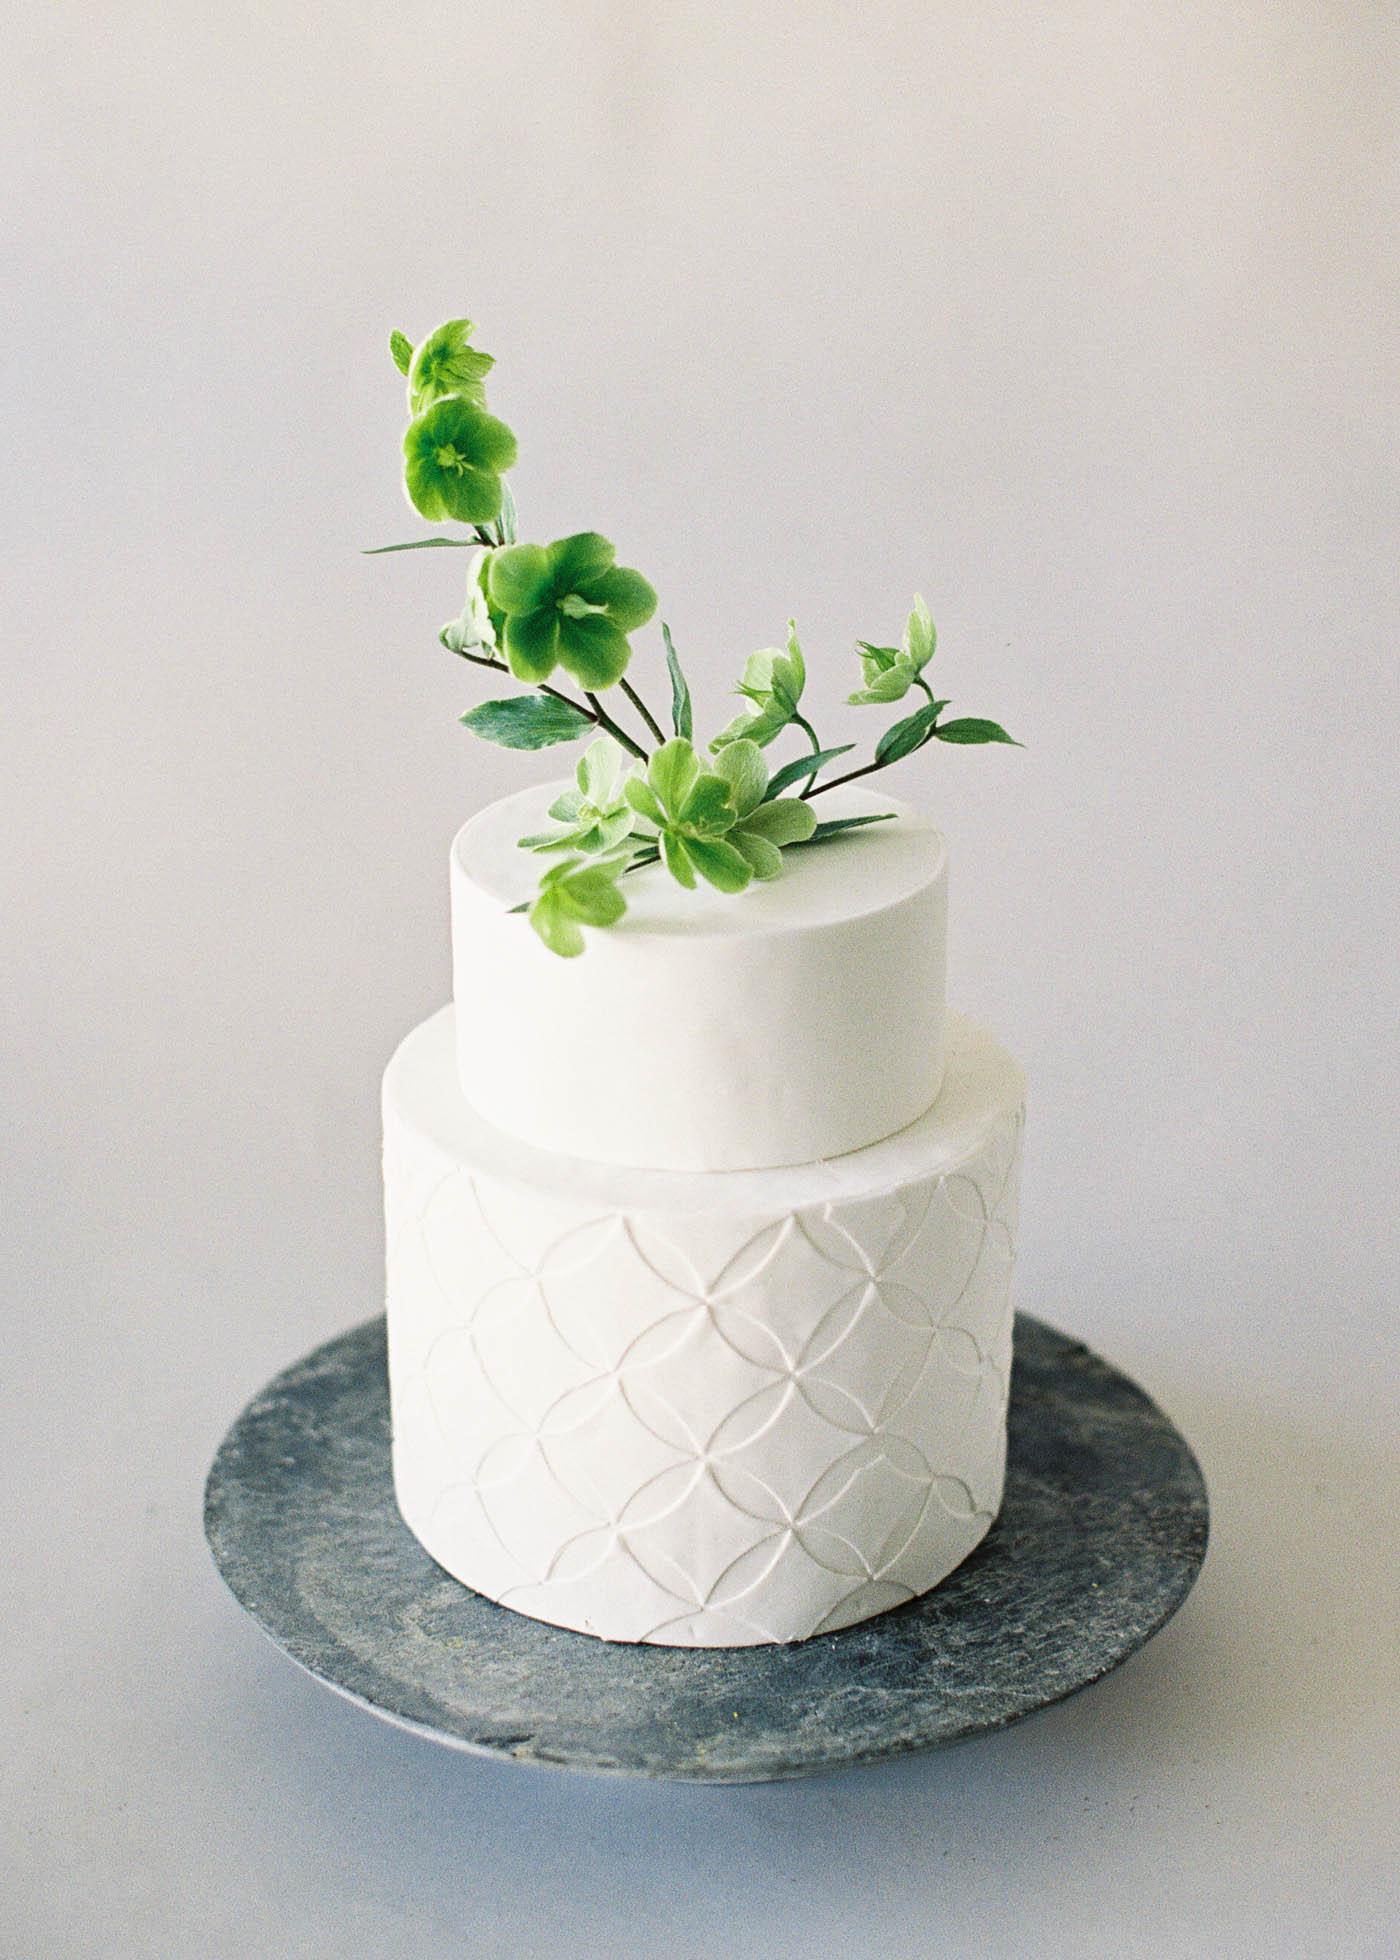 Cake-Favorites-15-Jen_Huang-000486-R1-041-19.jpg